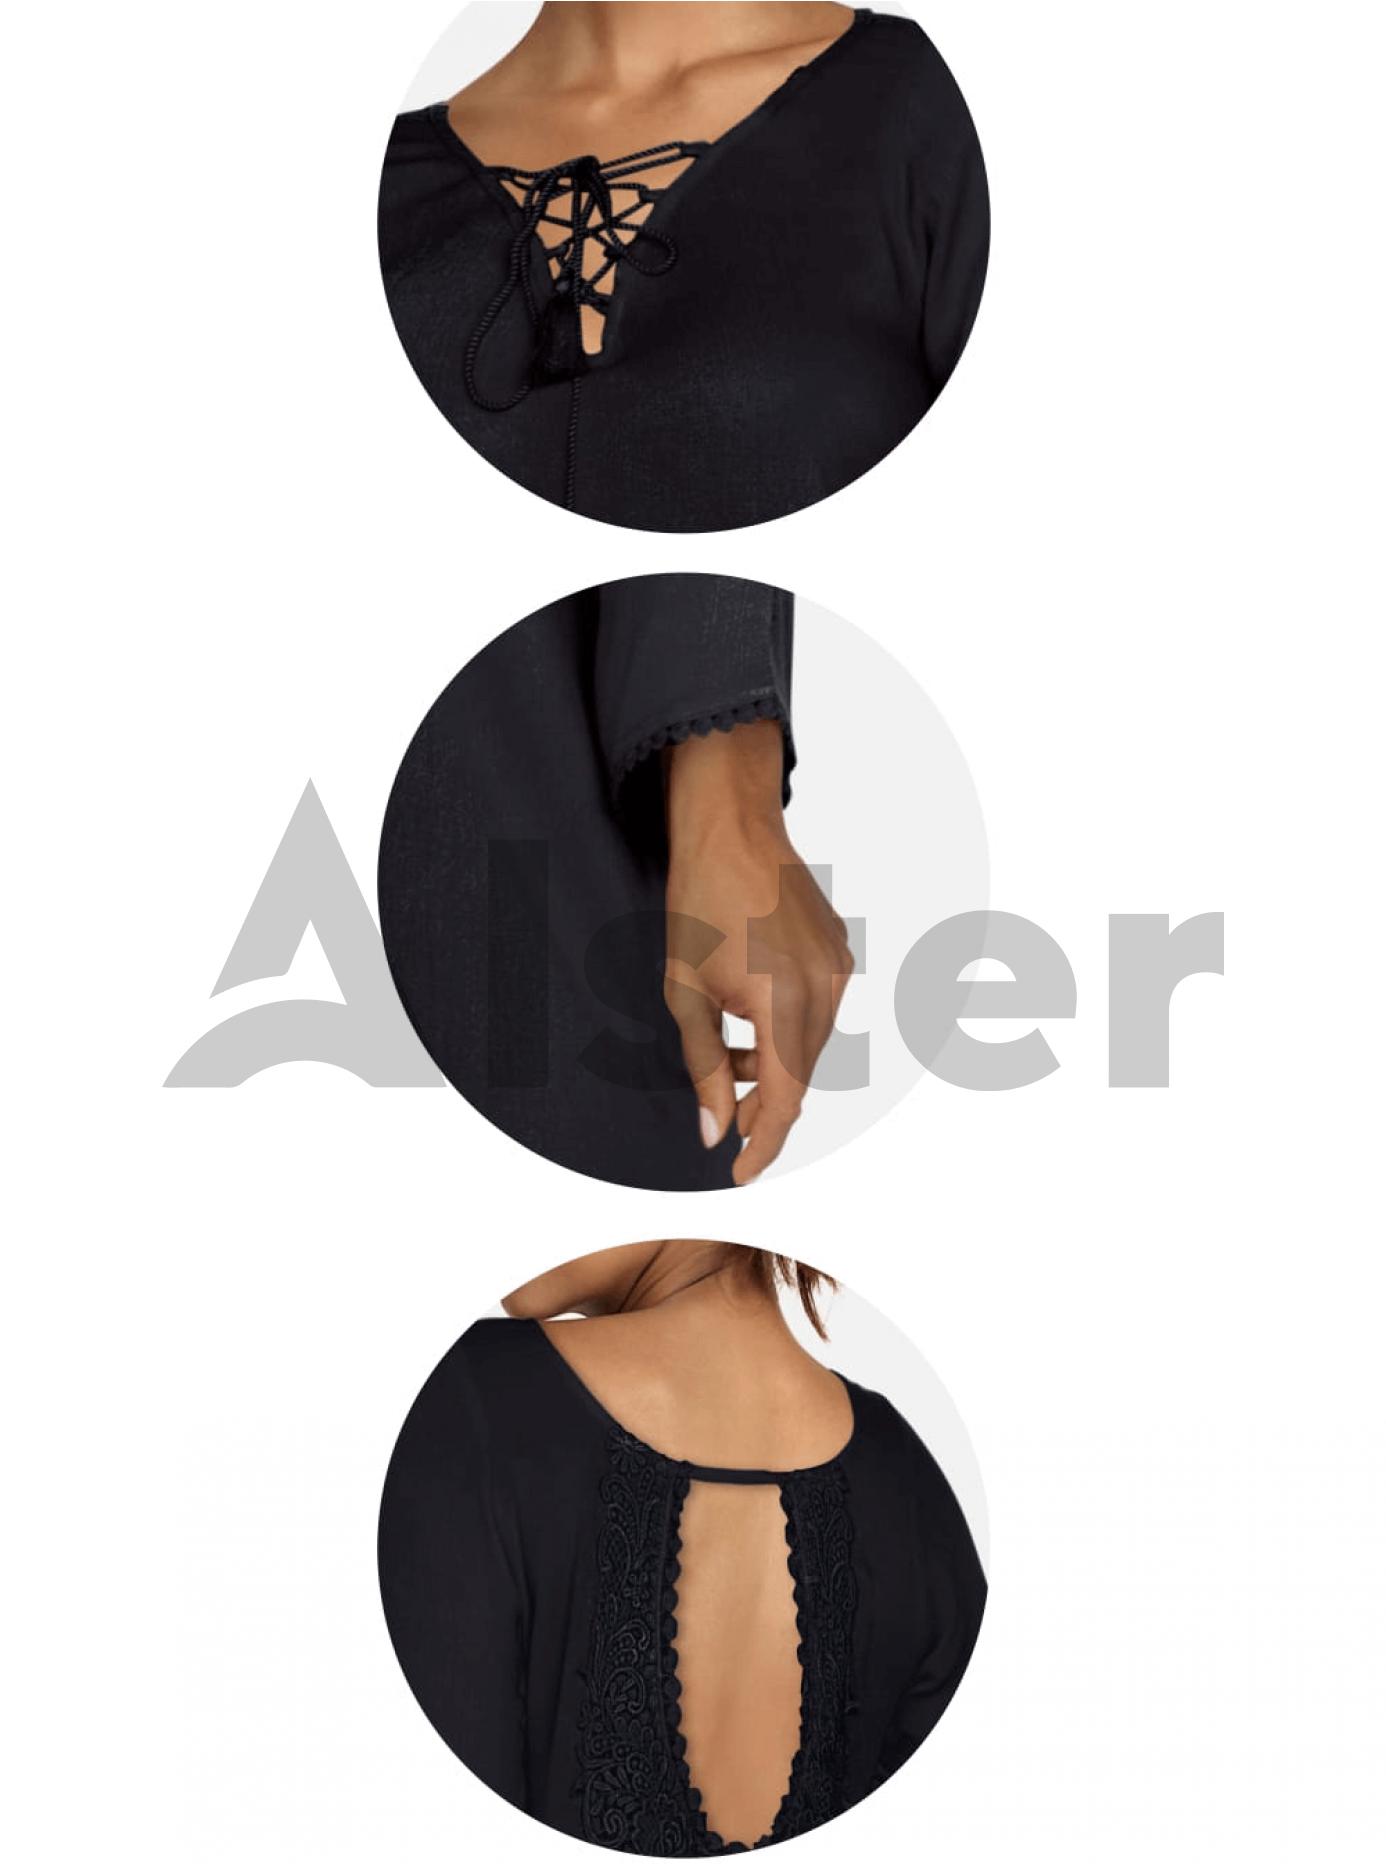 Пляжная туника с вышивкой Чёрный S (01-T19007): фото - Alster.ua